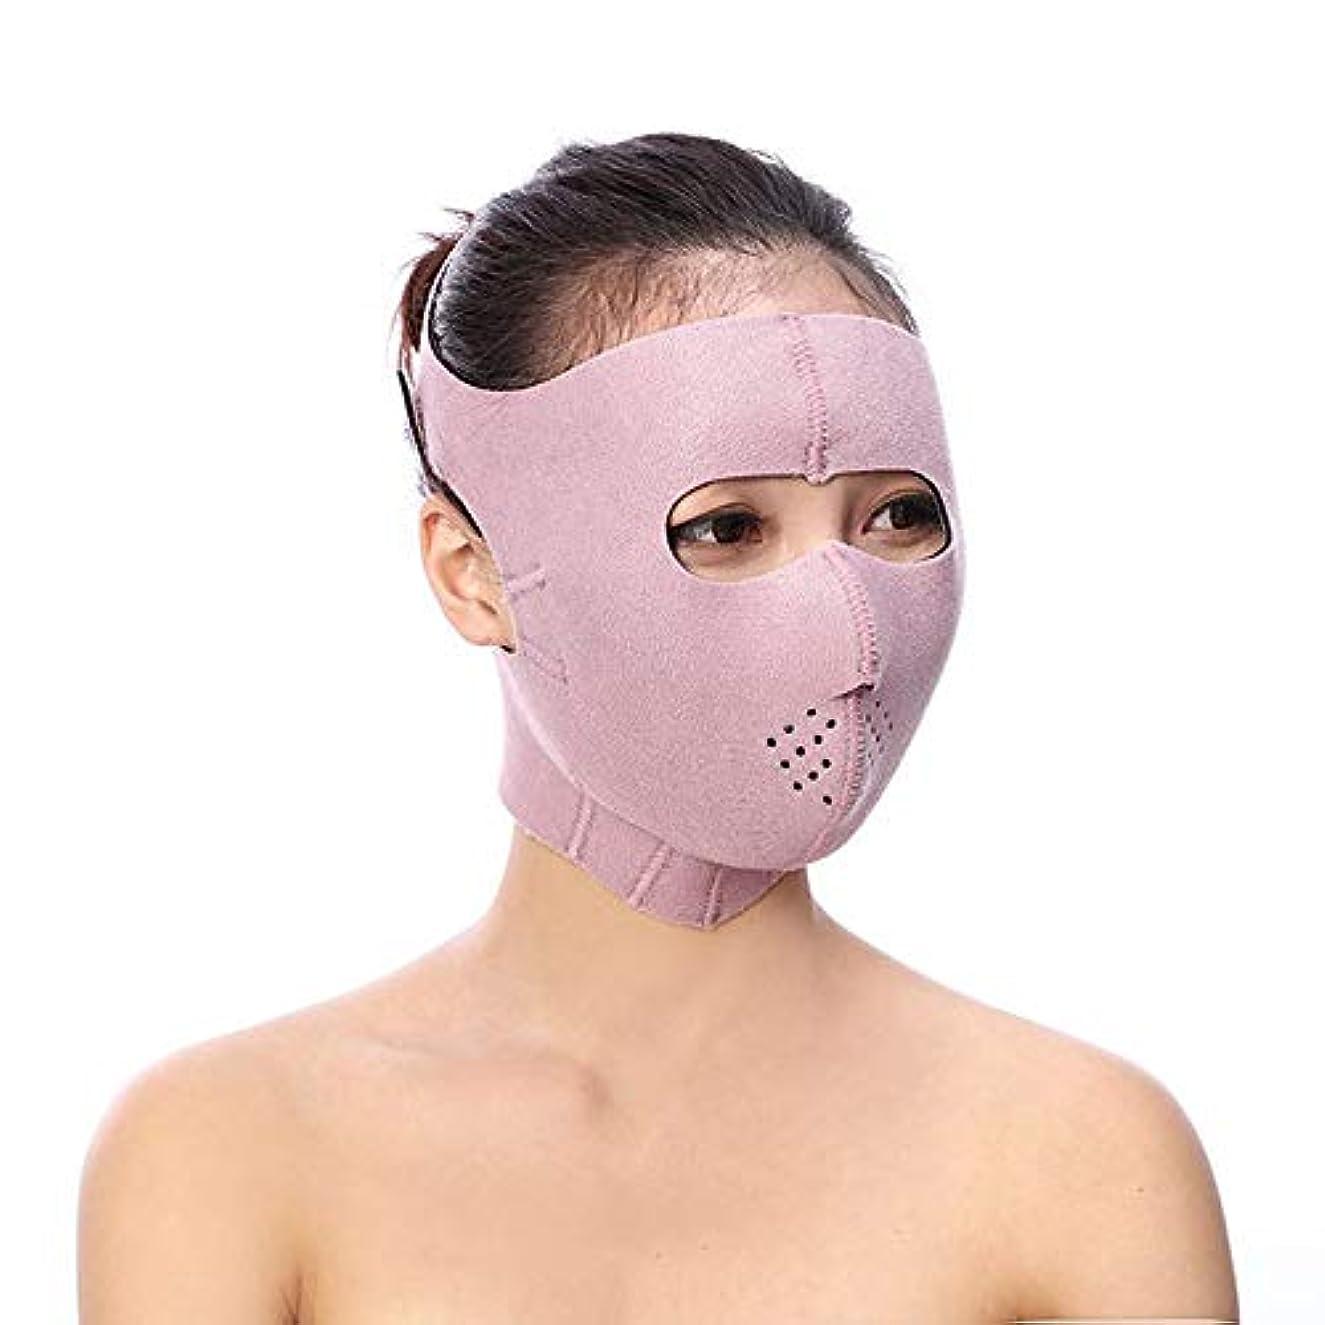 スペイン語スカリー弁護BS フェイシャルリフティング痩身ベルト - Vフェイス包帯マスクフェイシャルマッサージャー無料の薄いフェイス包帯整形マスクを引き締める顔と首の顔スリム フェイスリフティングアーティファクト